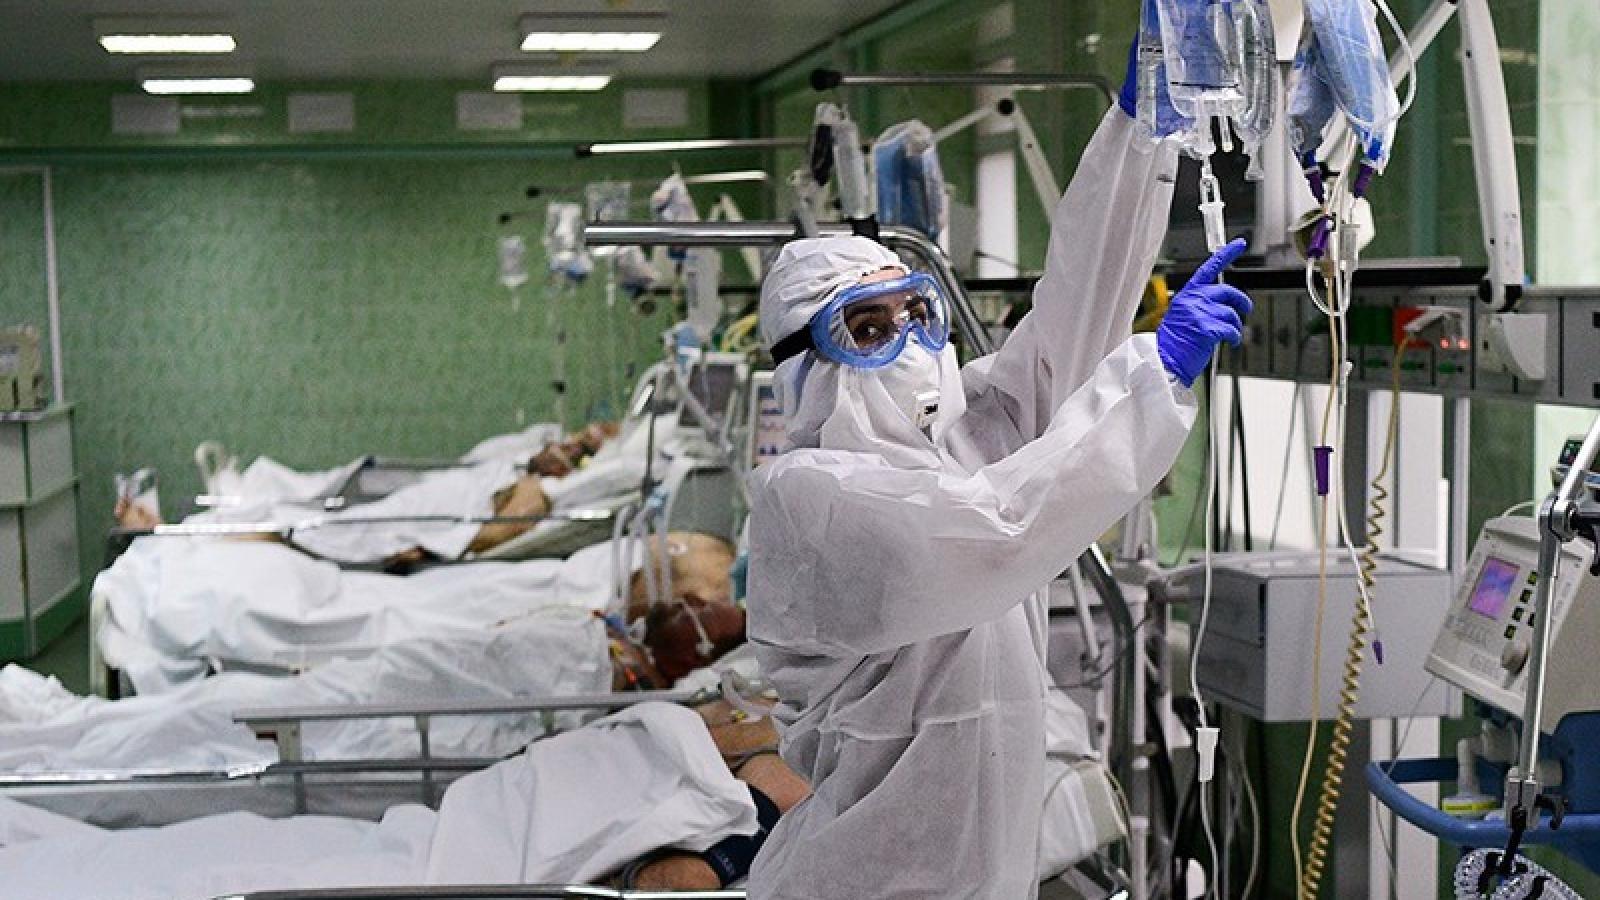 Nga ngày thứ 2 ghi nhận số ca nhiễm Covid-19 thấp hơn 10.000